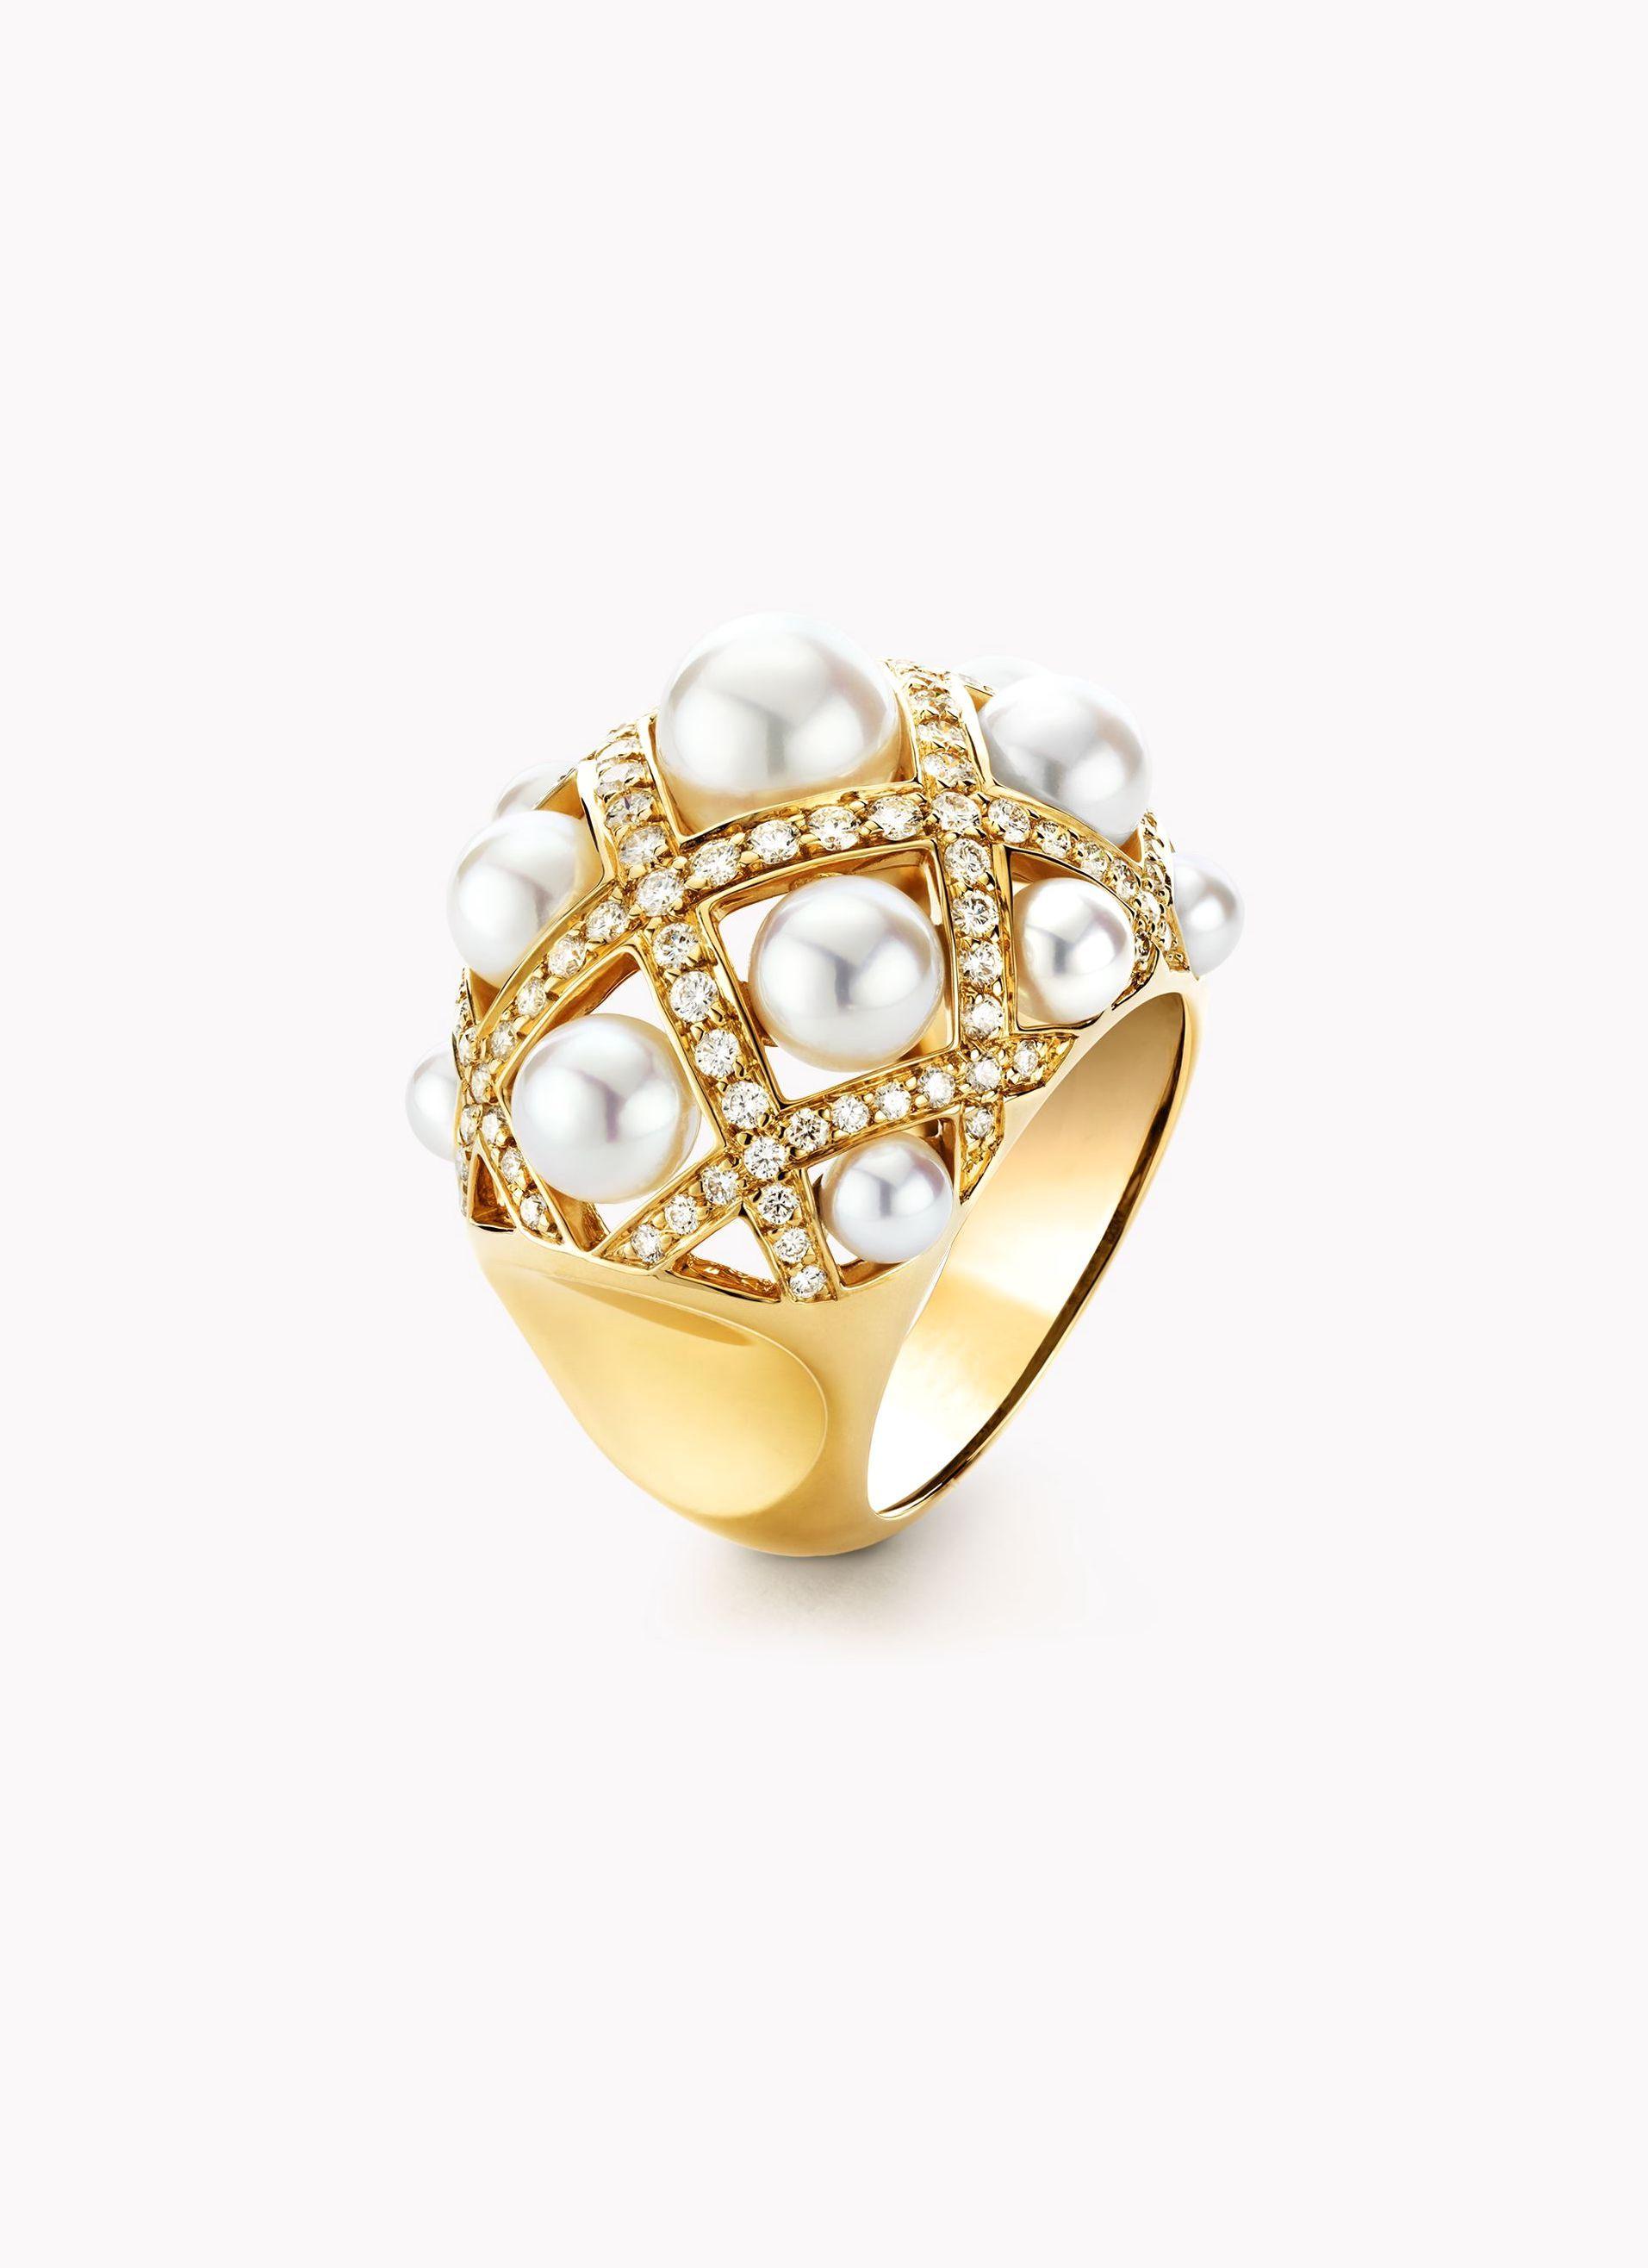 moda gioielli inverno 2019, moda anelli inverno 2019, tendenza anelli  inverno 2019, anelli